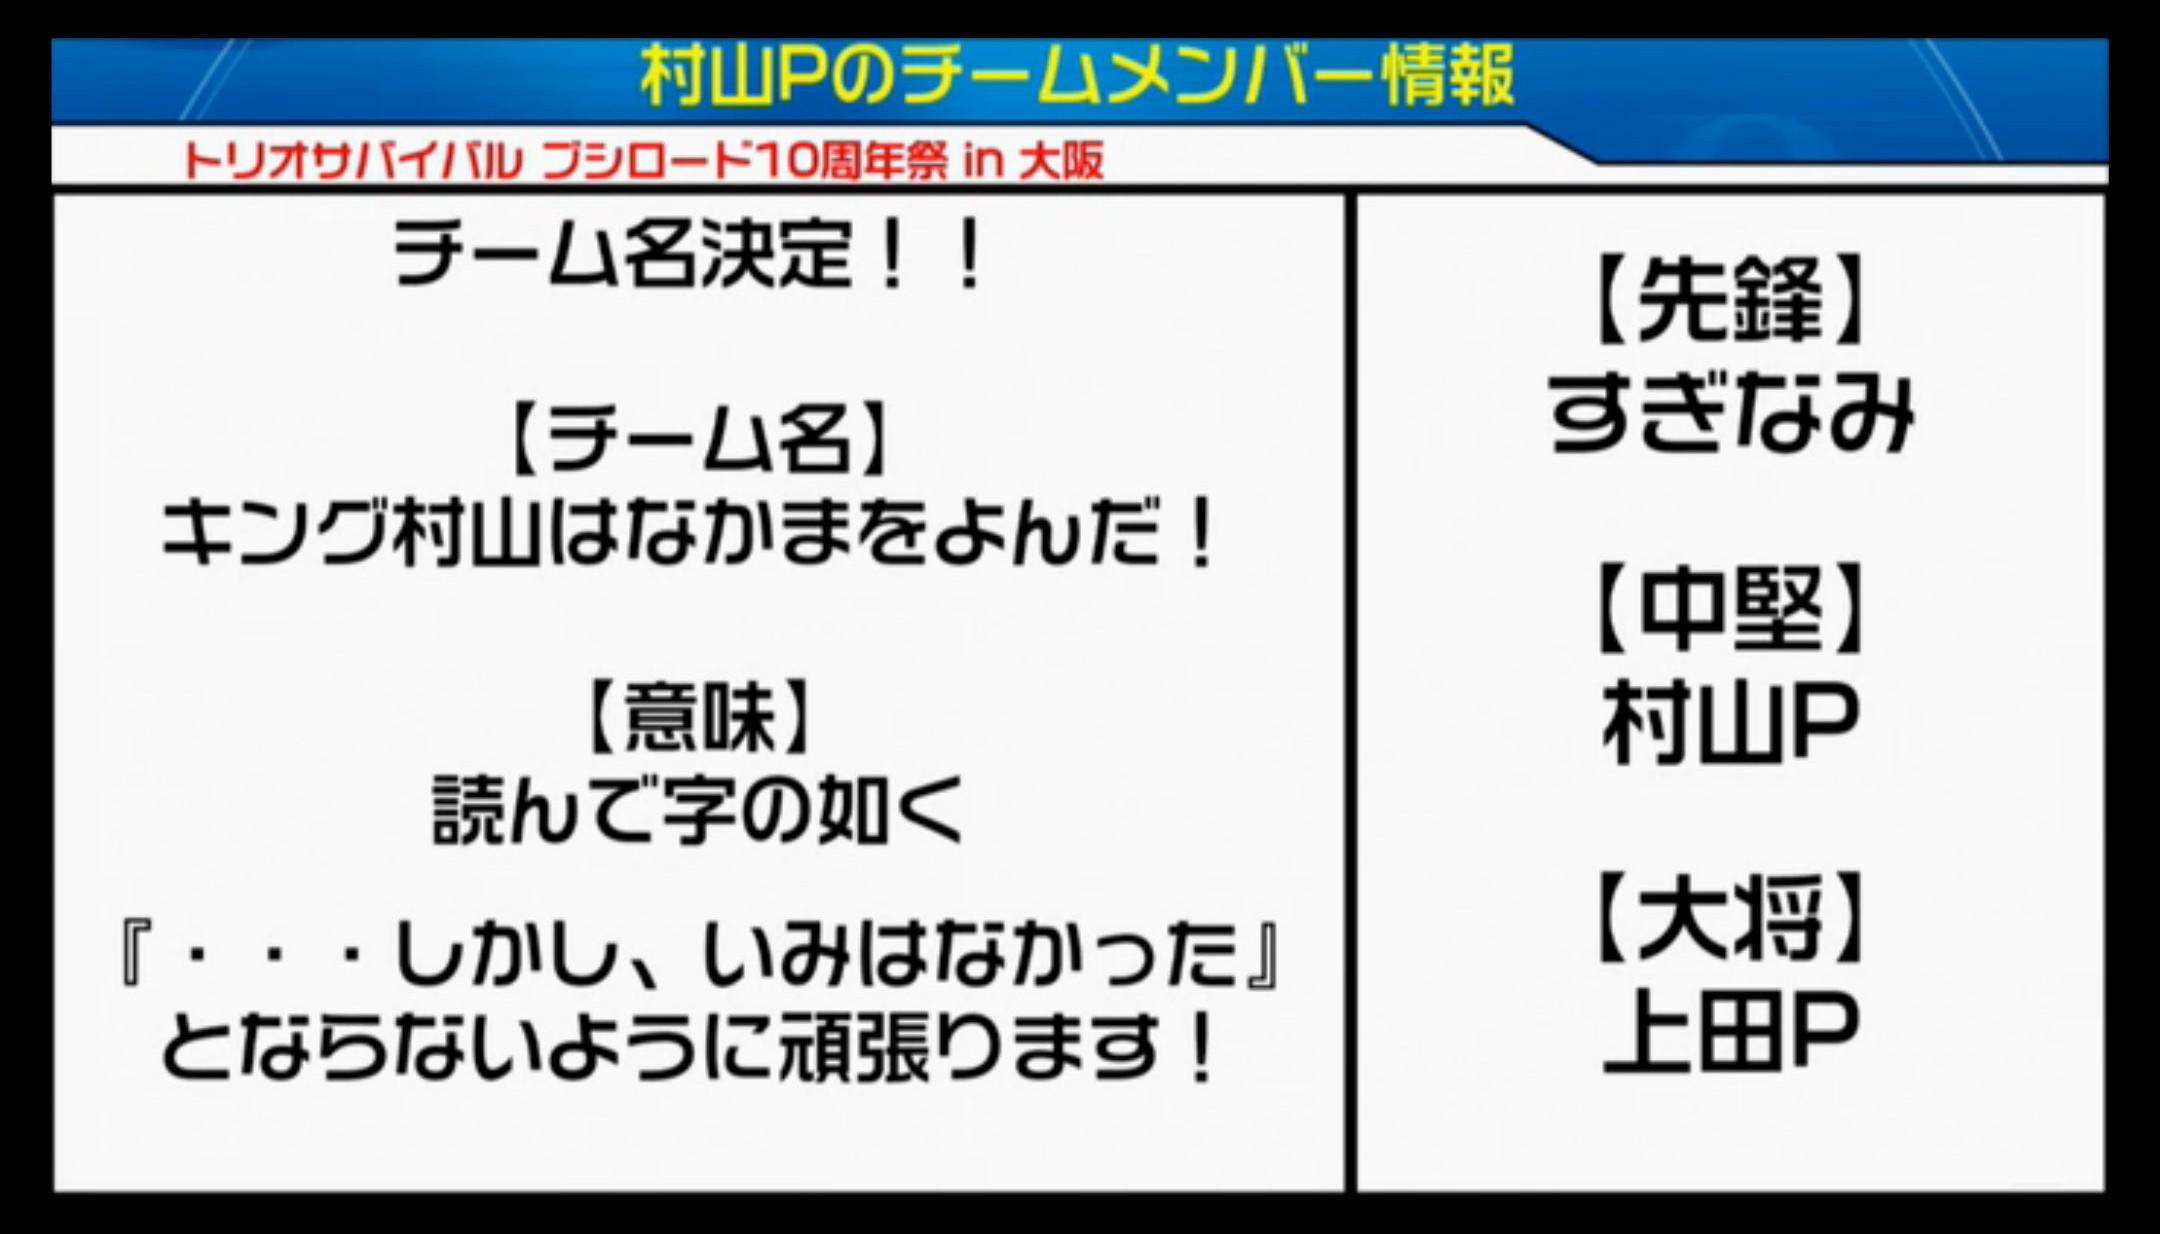 bshi-live-171012-077.jpg